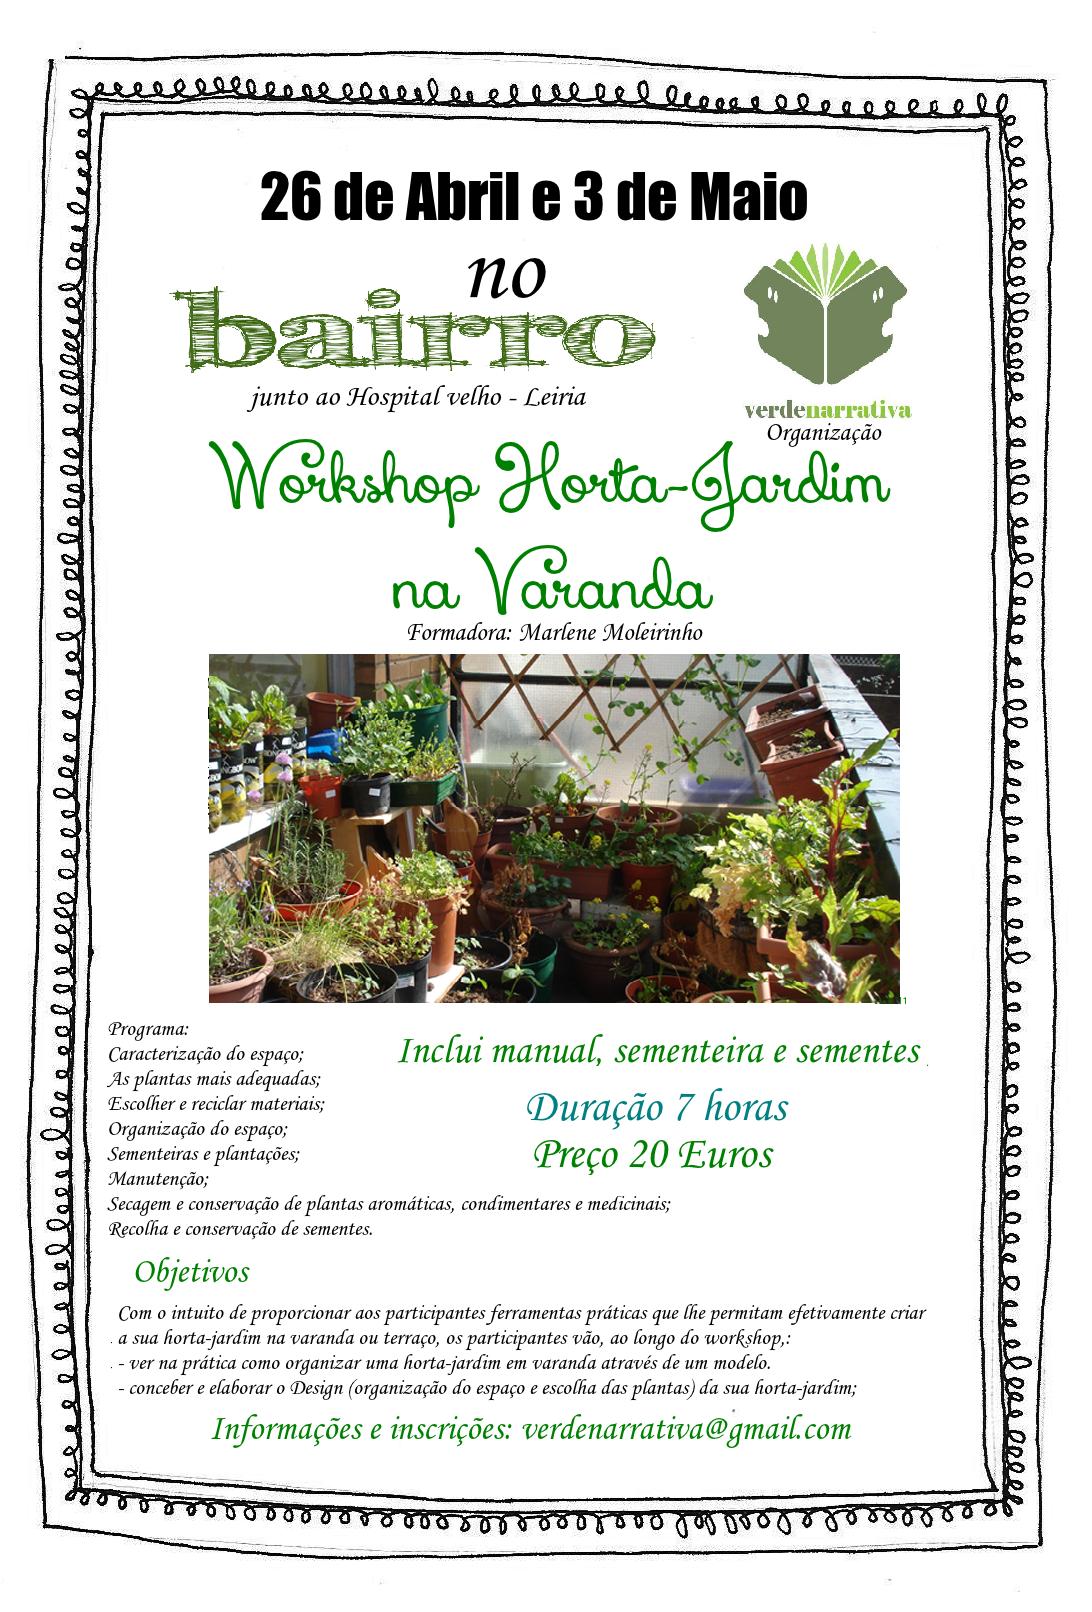 horta jardim na varanda:Workshop Horta-Jardim na varanda – Leiria